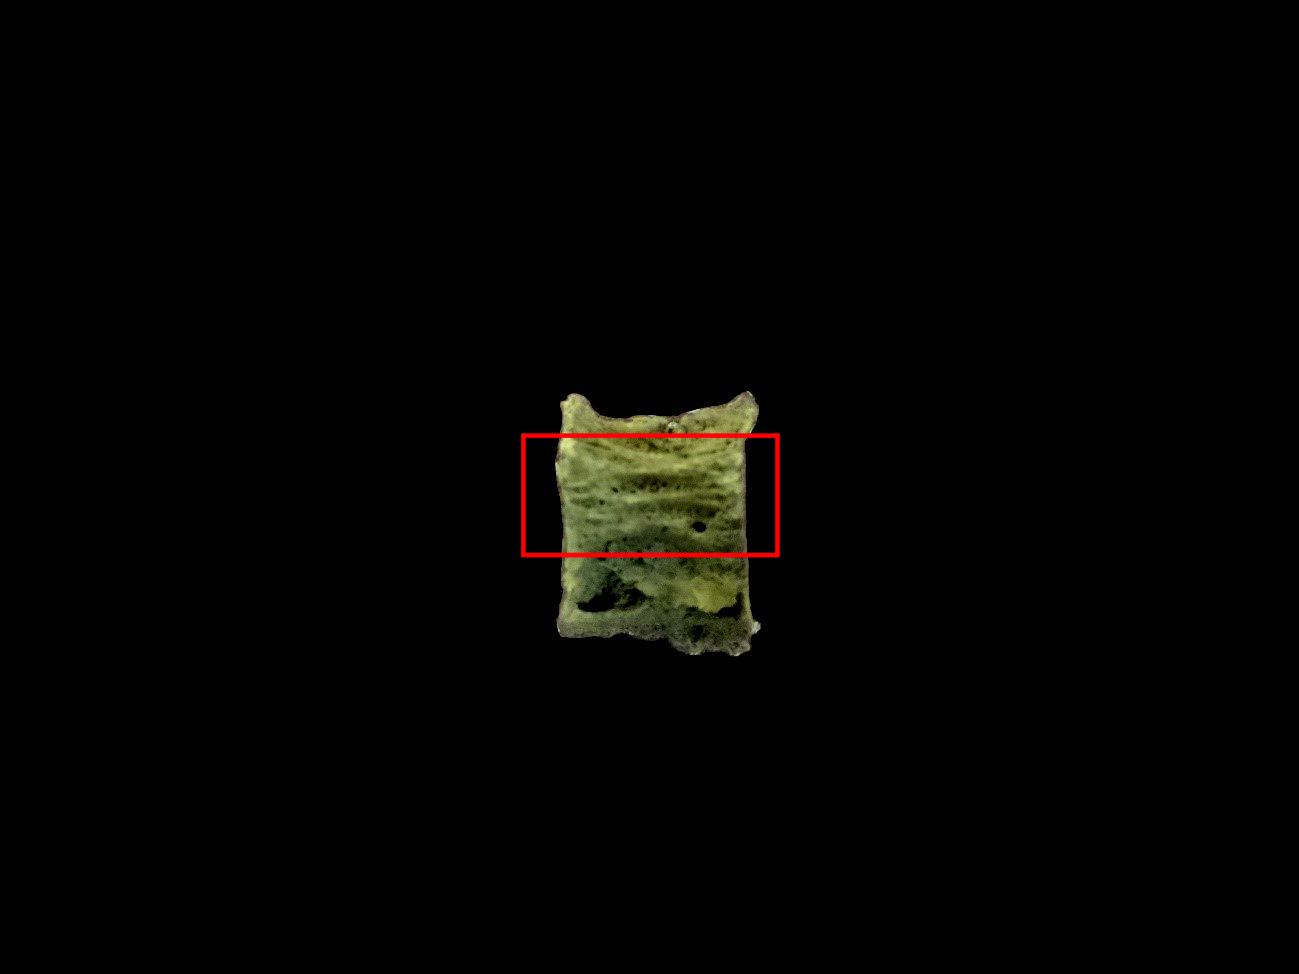 コラムリレー(第137回) 4千年前の食べ物を探しにスーパーへ_f0228071_18051618.jpg